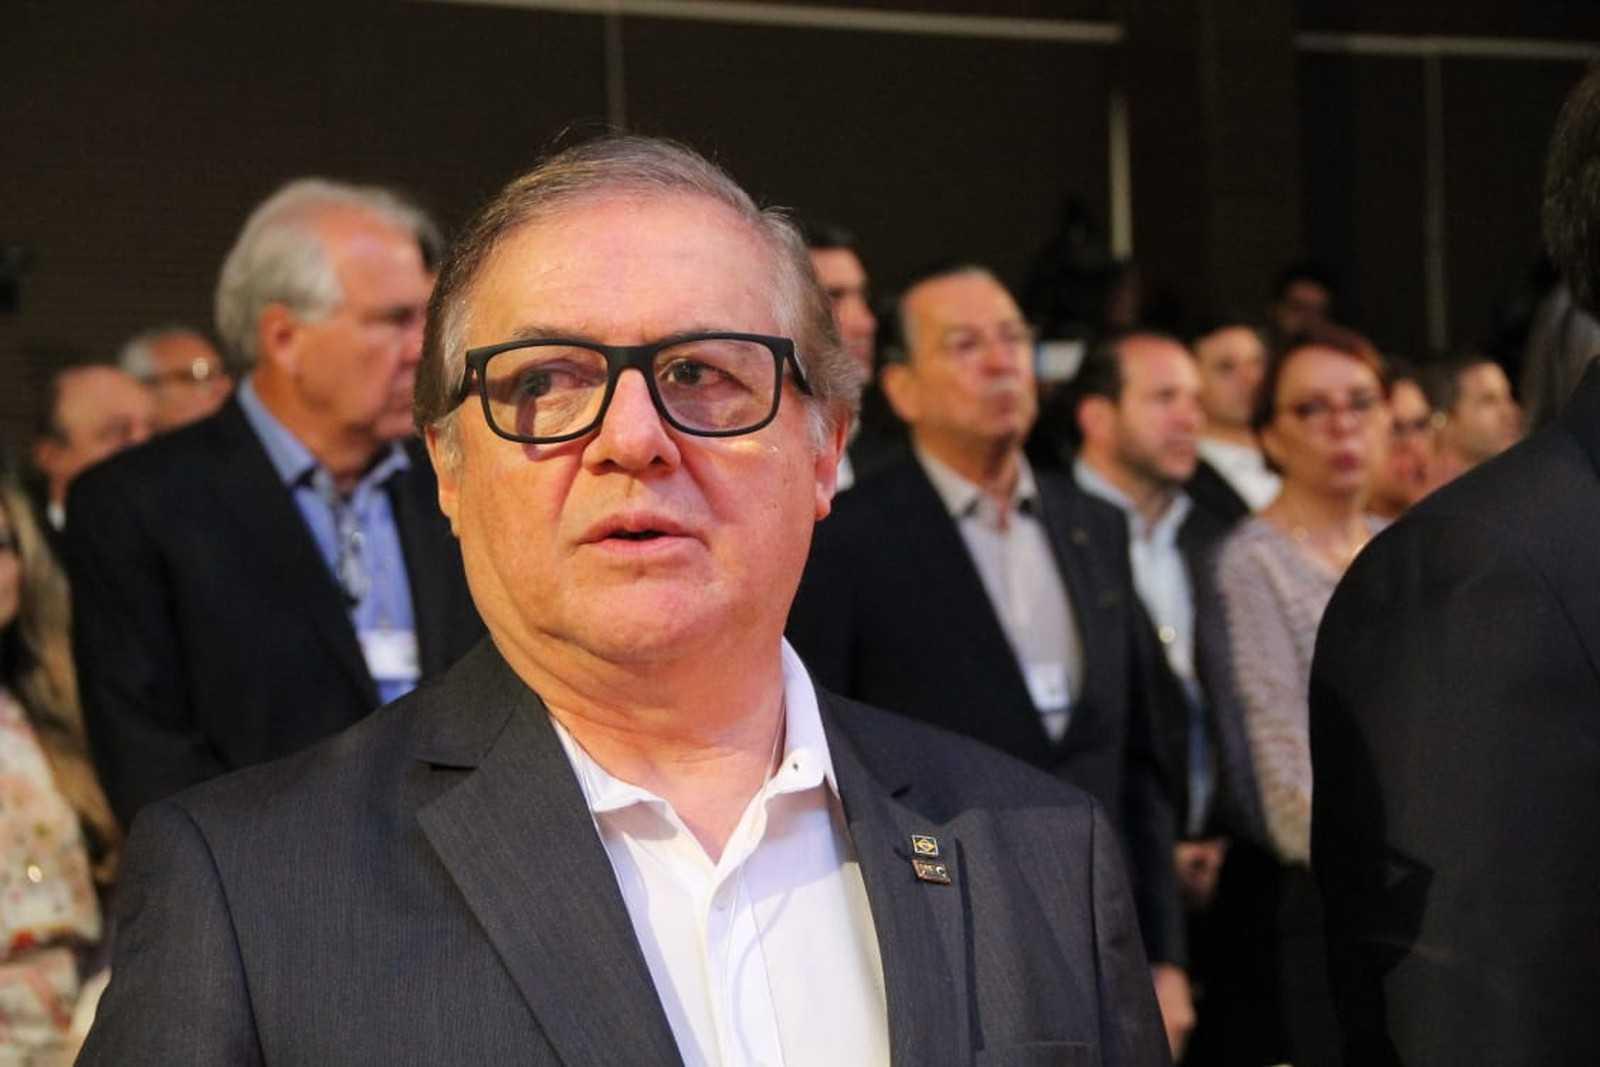 Ricardo Vélez, ministro da Educação, participou de evento em Campos do Jordão (SP), na sexta-feira (5) / Foto: Fábio França/G1